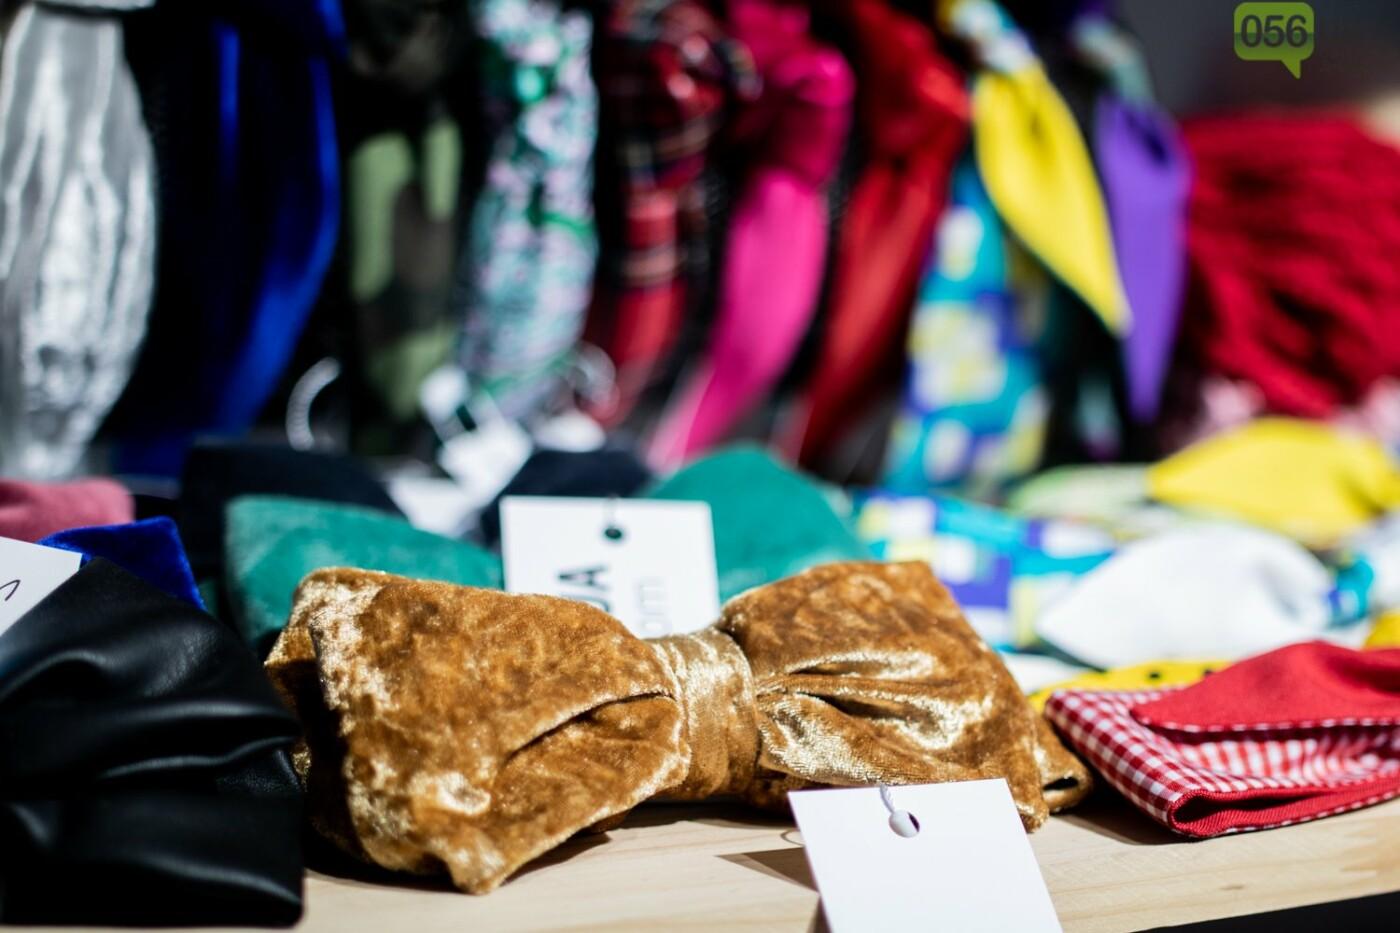 Основательницы БУДЬ в UA Катя Дорошевская и Алина Щербина о том, как поднять бизнес на голом энтузиазме, - ИНТЕРВЬЮ, фото-15